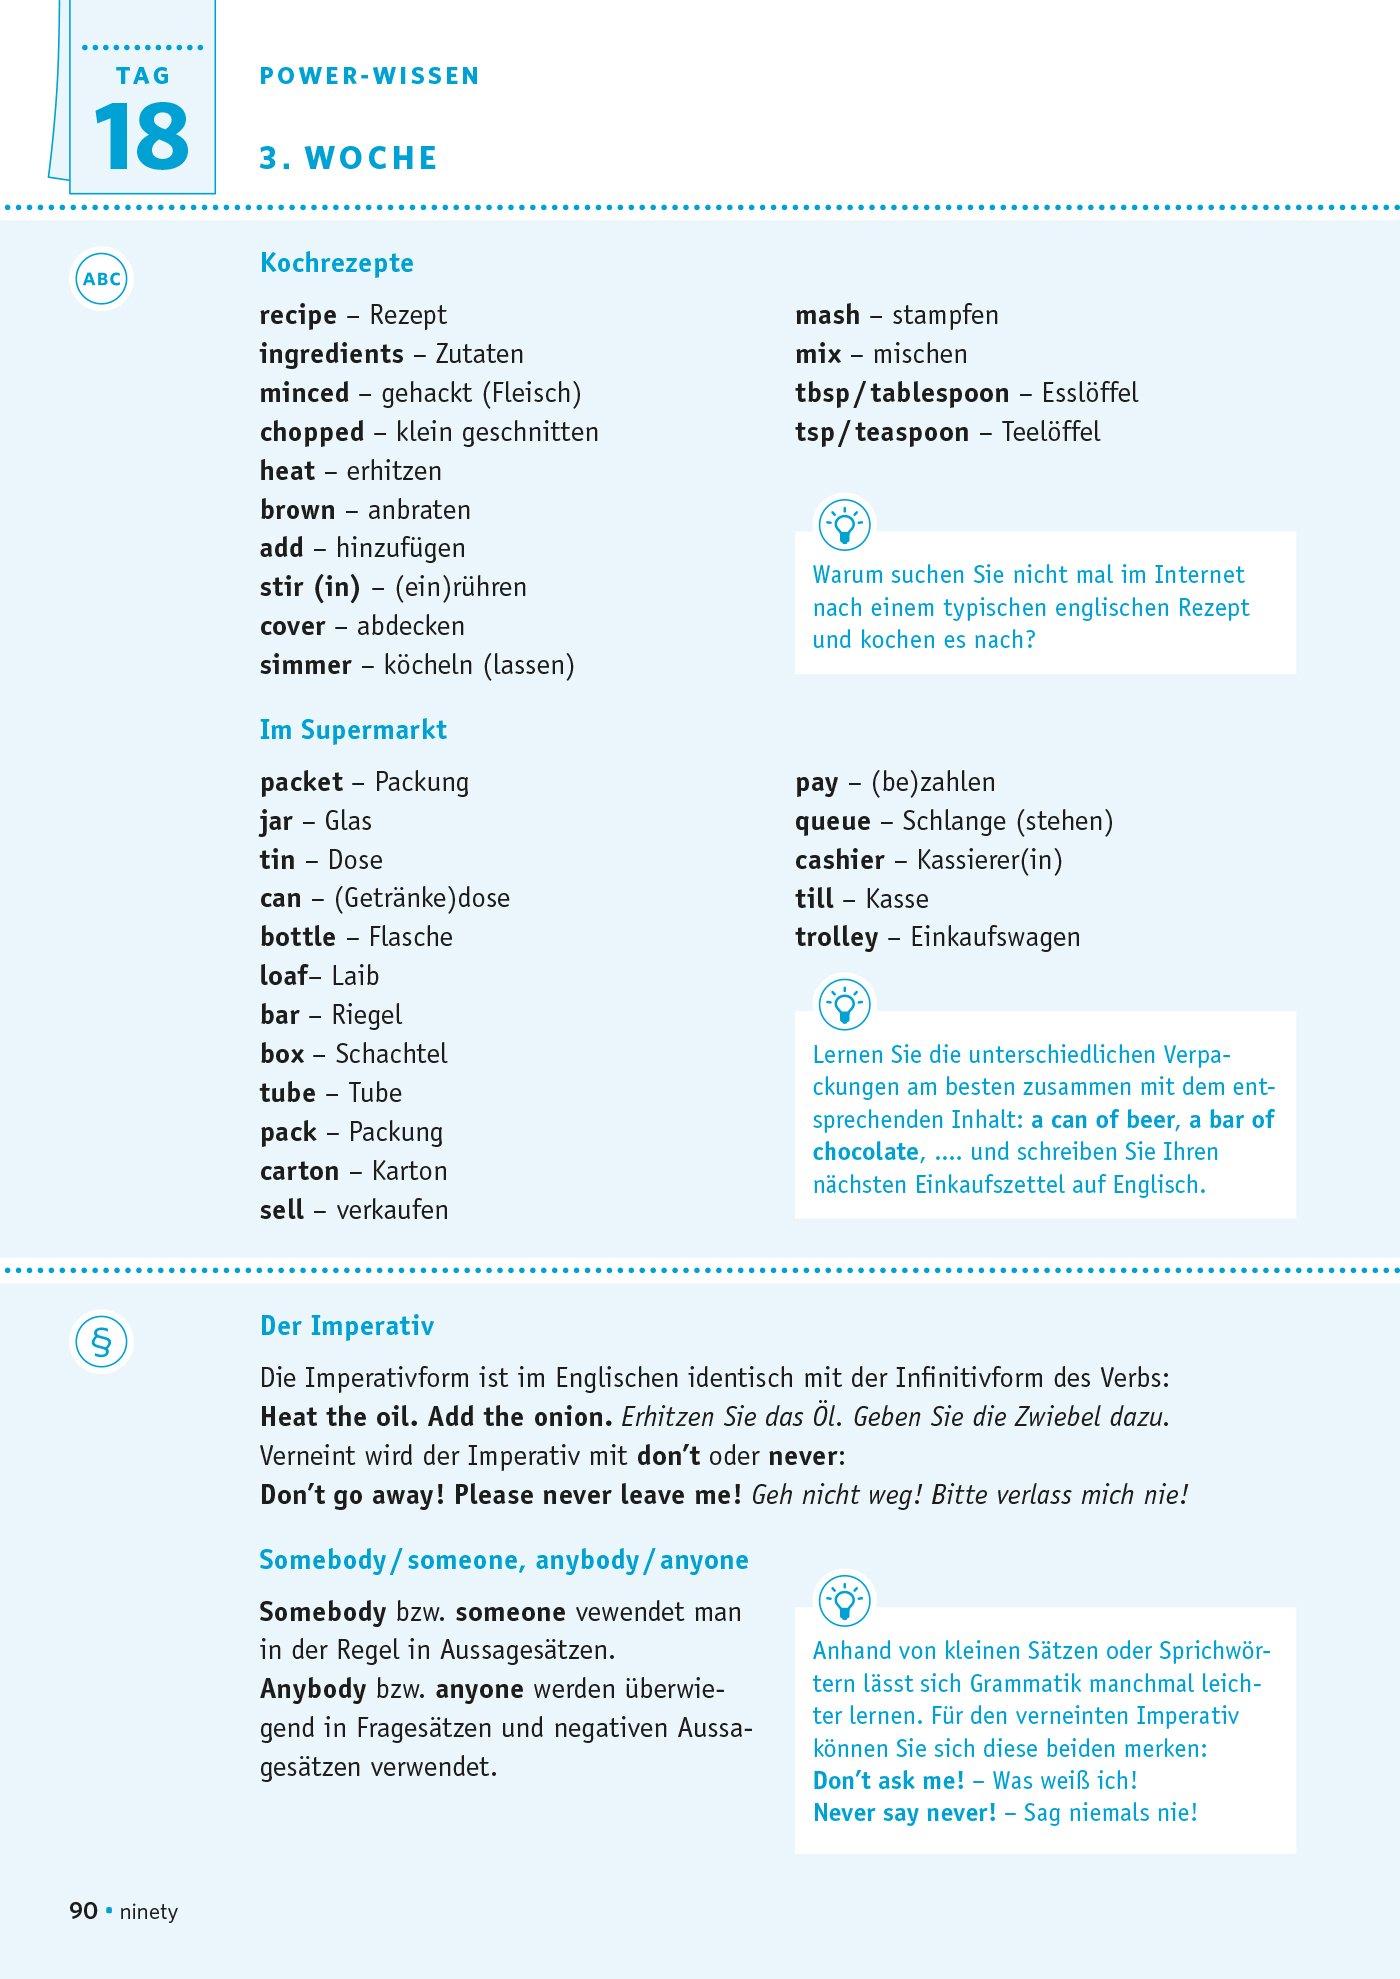 PONS Power-Sprachkurs Englisch in 4 Wochen: Lernen Sie in idealen ...